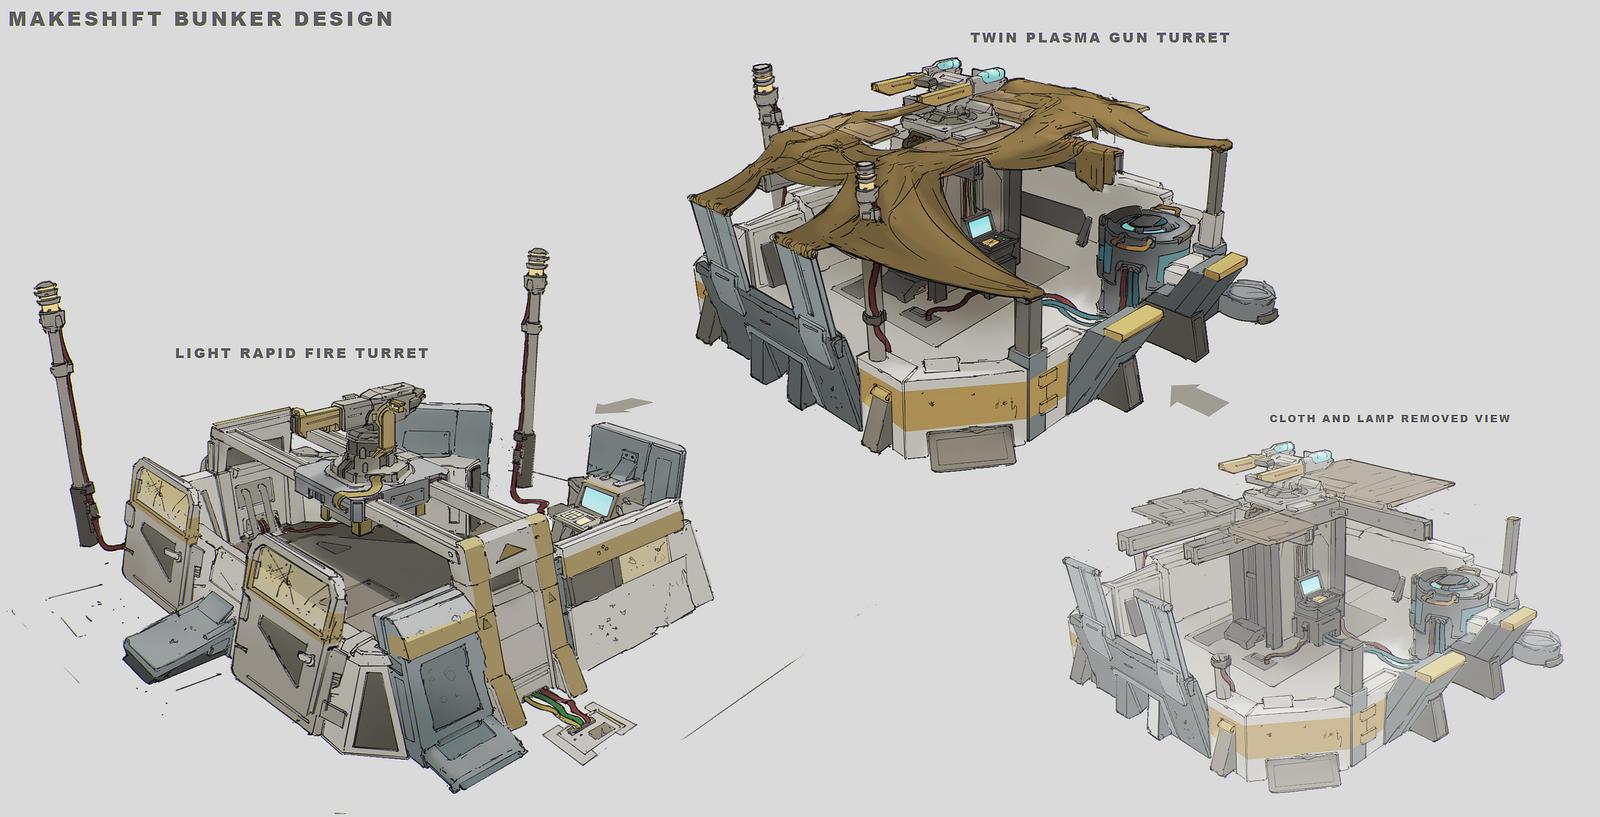 Bunker Designs Tuebor Makeshift Bunker Design By Franklinchan On Deviantart